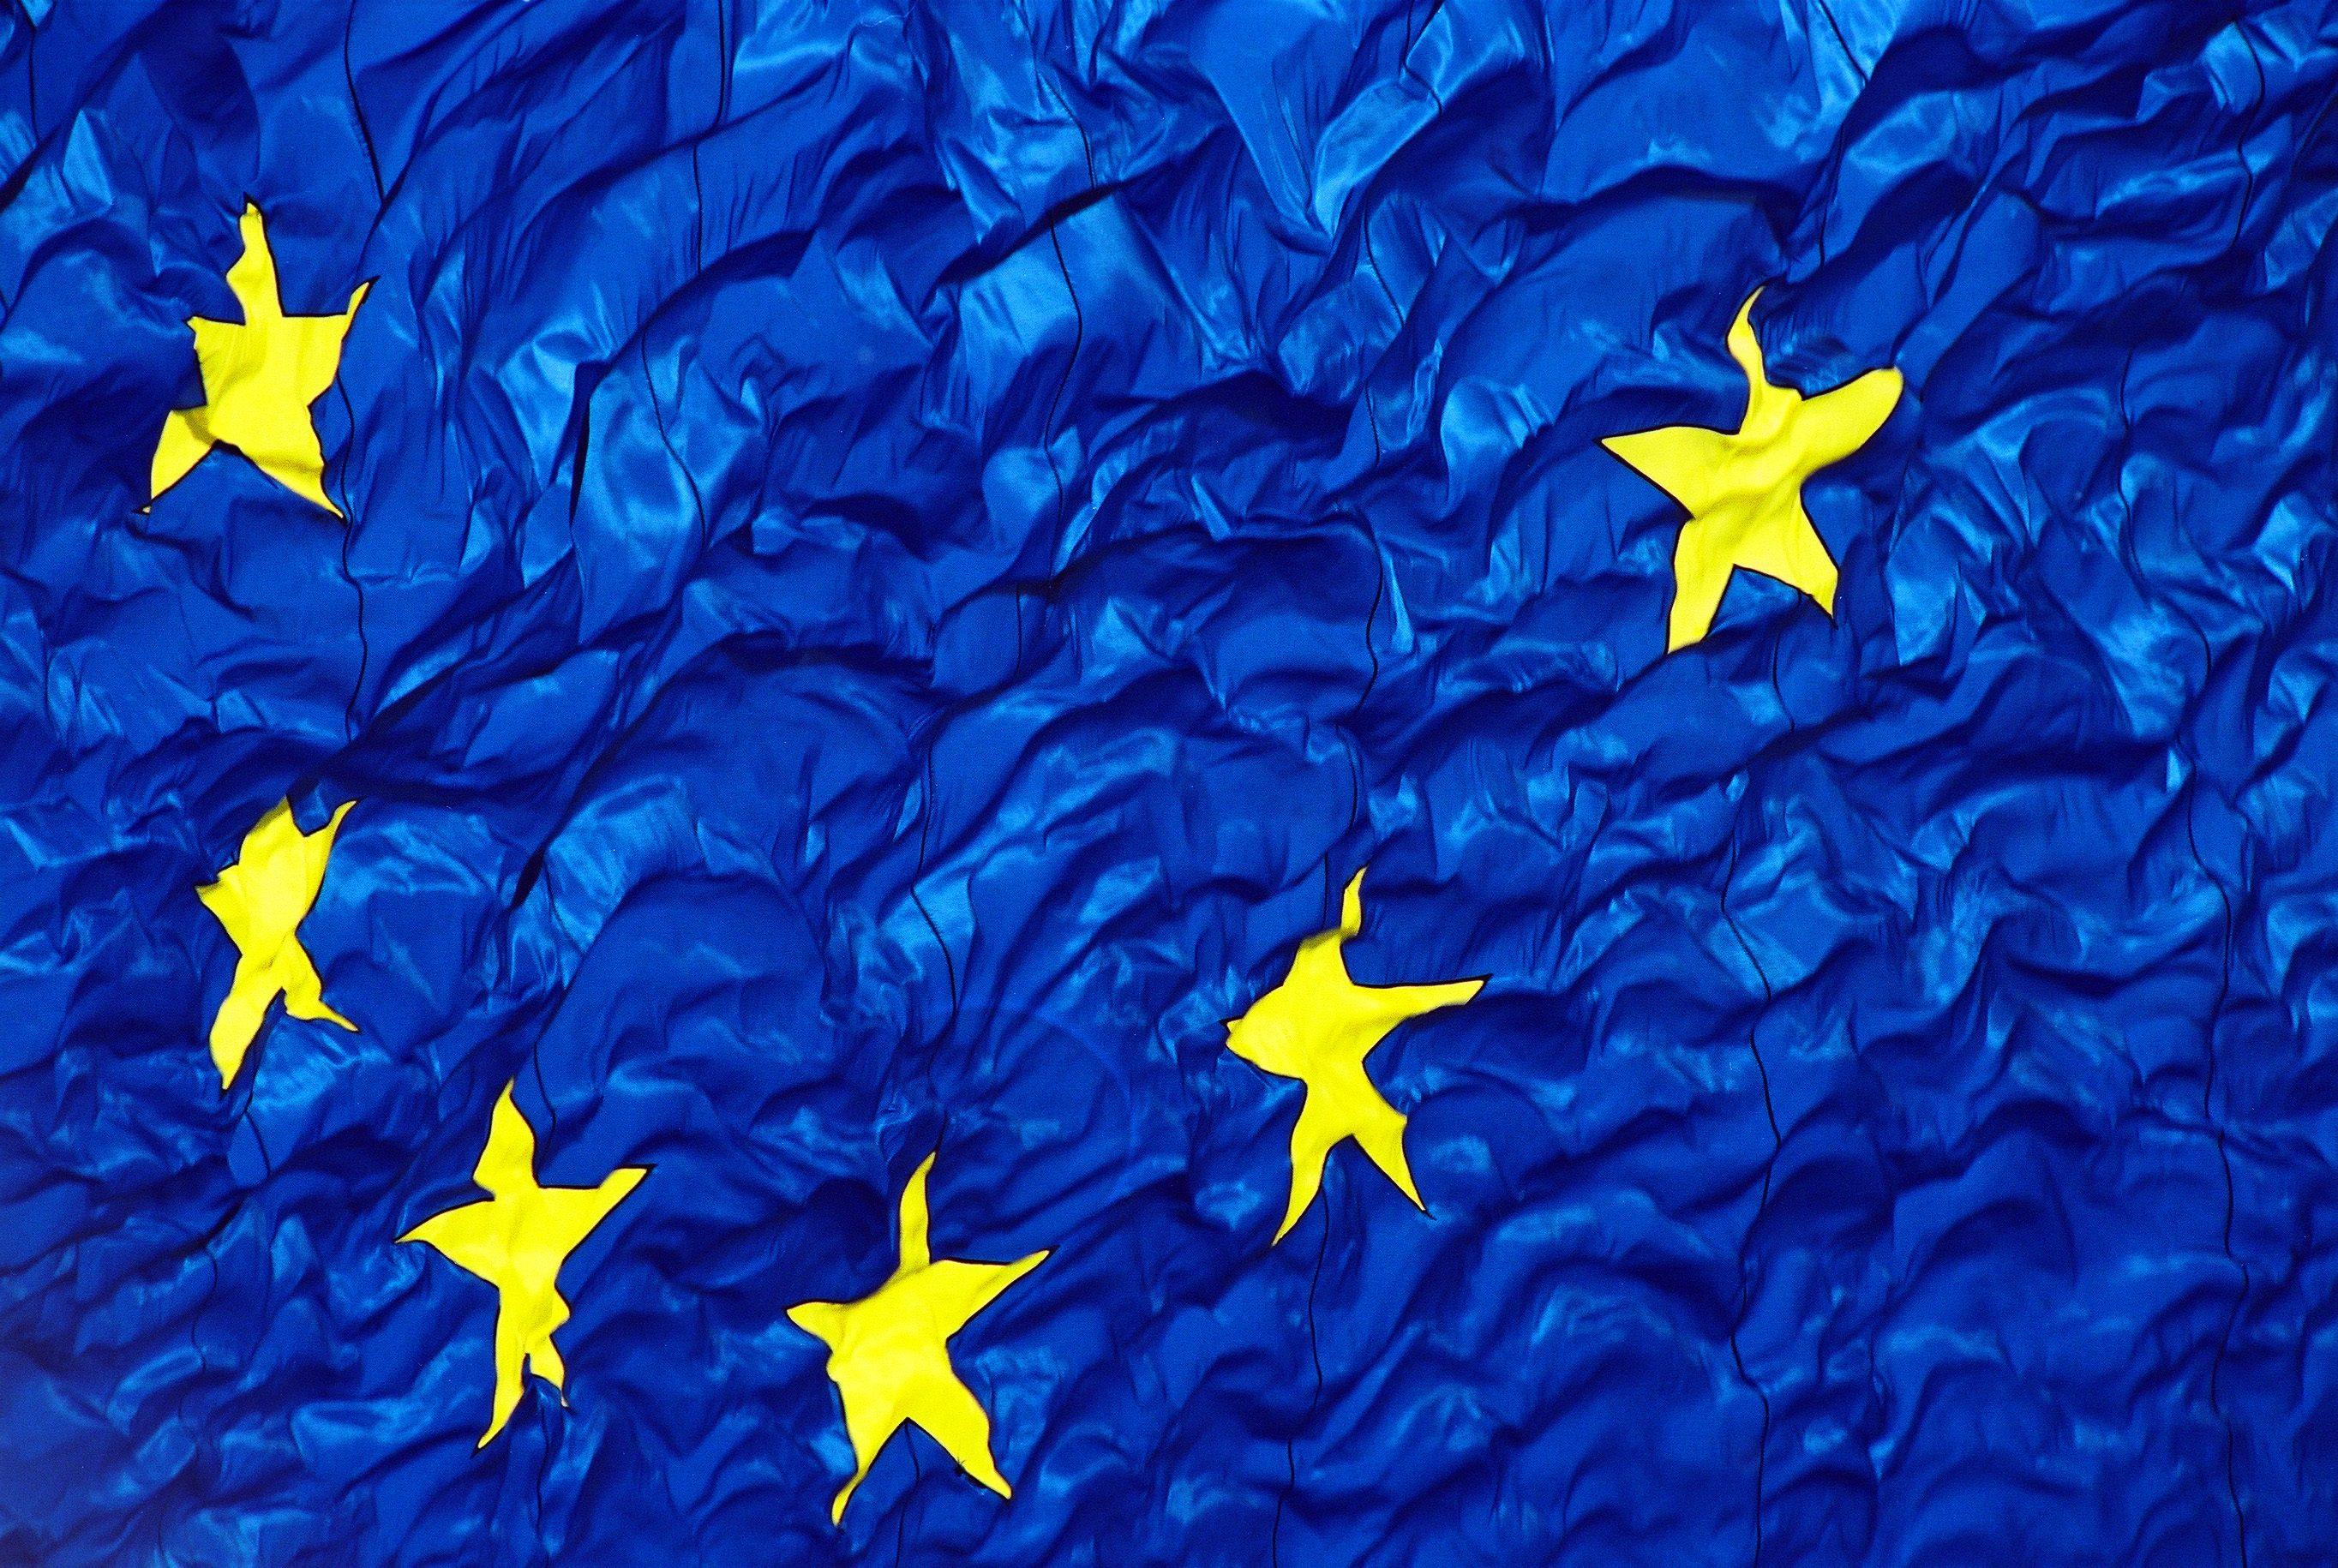 https://edromos.gr/wp-content/uploads/2014/05/europe-tsalakomeni.jpg